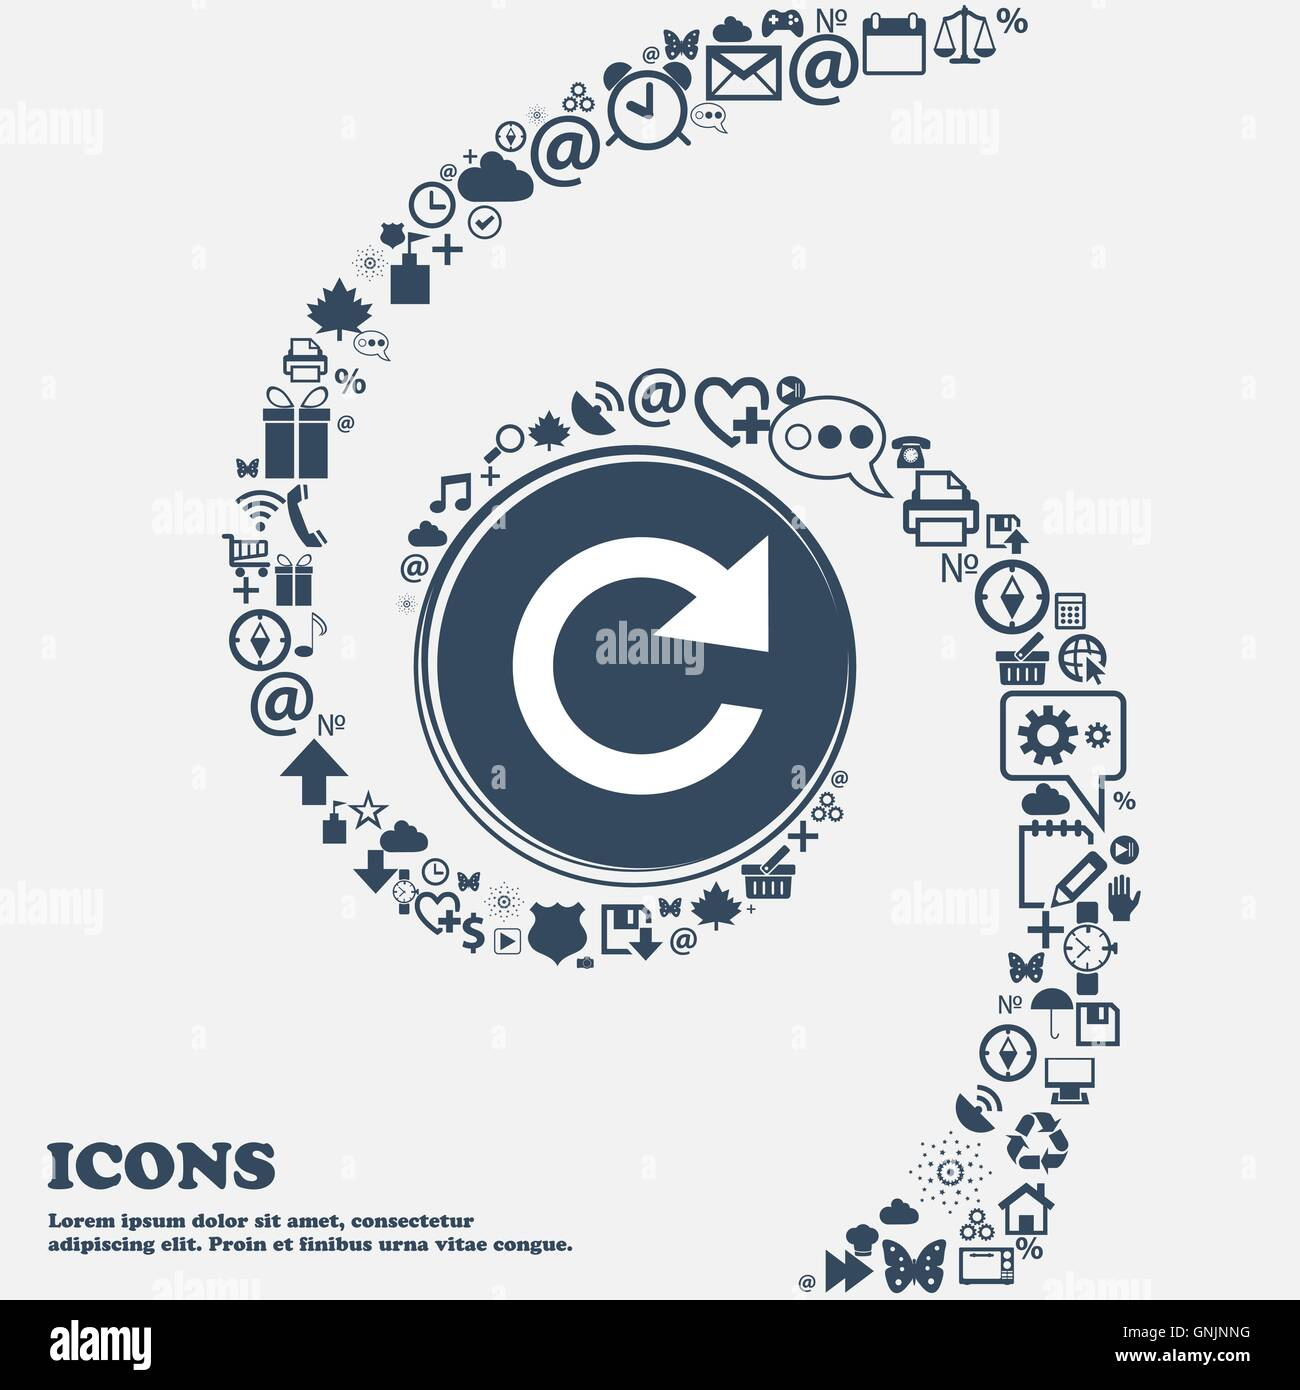 Actualizar icono de signo. El símbolo de la flecha de rotación completa en el centro. Alrededor de los Imagen De Stock